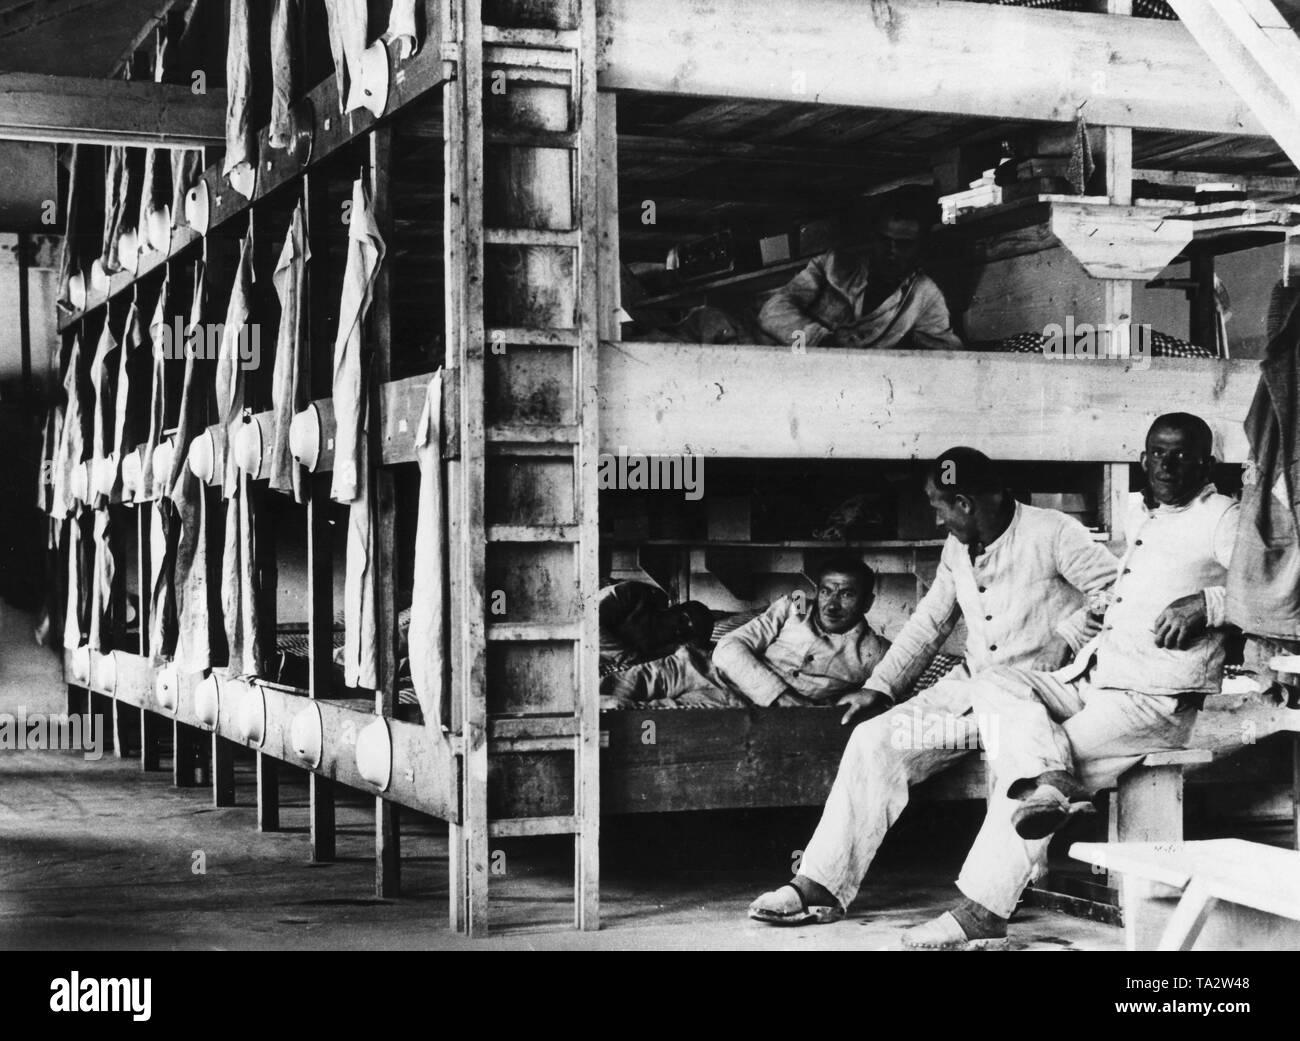 Les internés au Camp de concentration de Dachau, en Bavière, 1933 (photo n/b). KZ Dachau en Bavière a créé le 12 avril 1933 en tant que premier KZ de l'Nationalsocialists principalement pour détention d'opposants politiques, Photo Stock